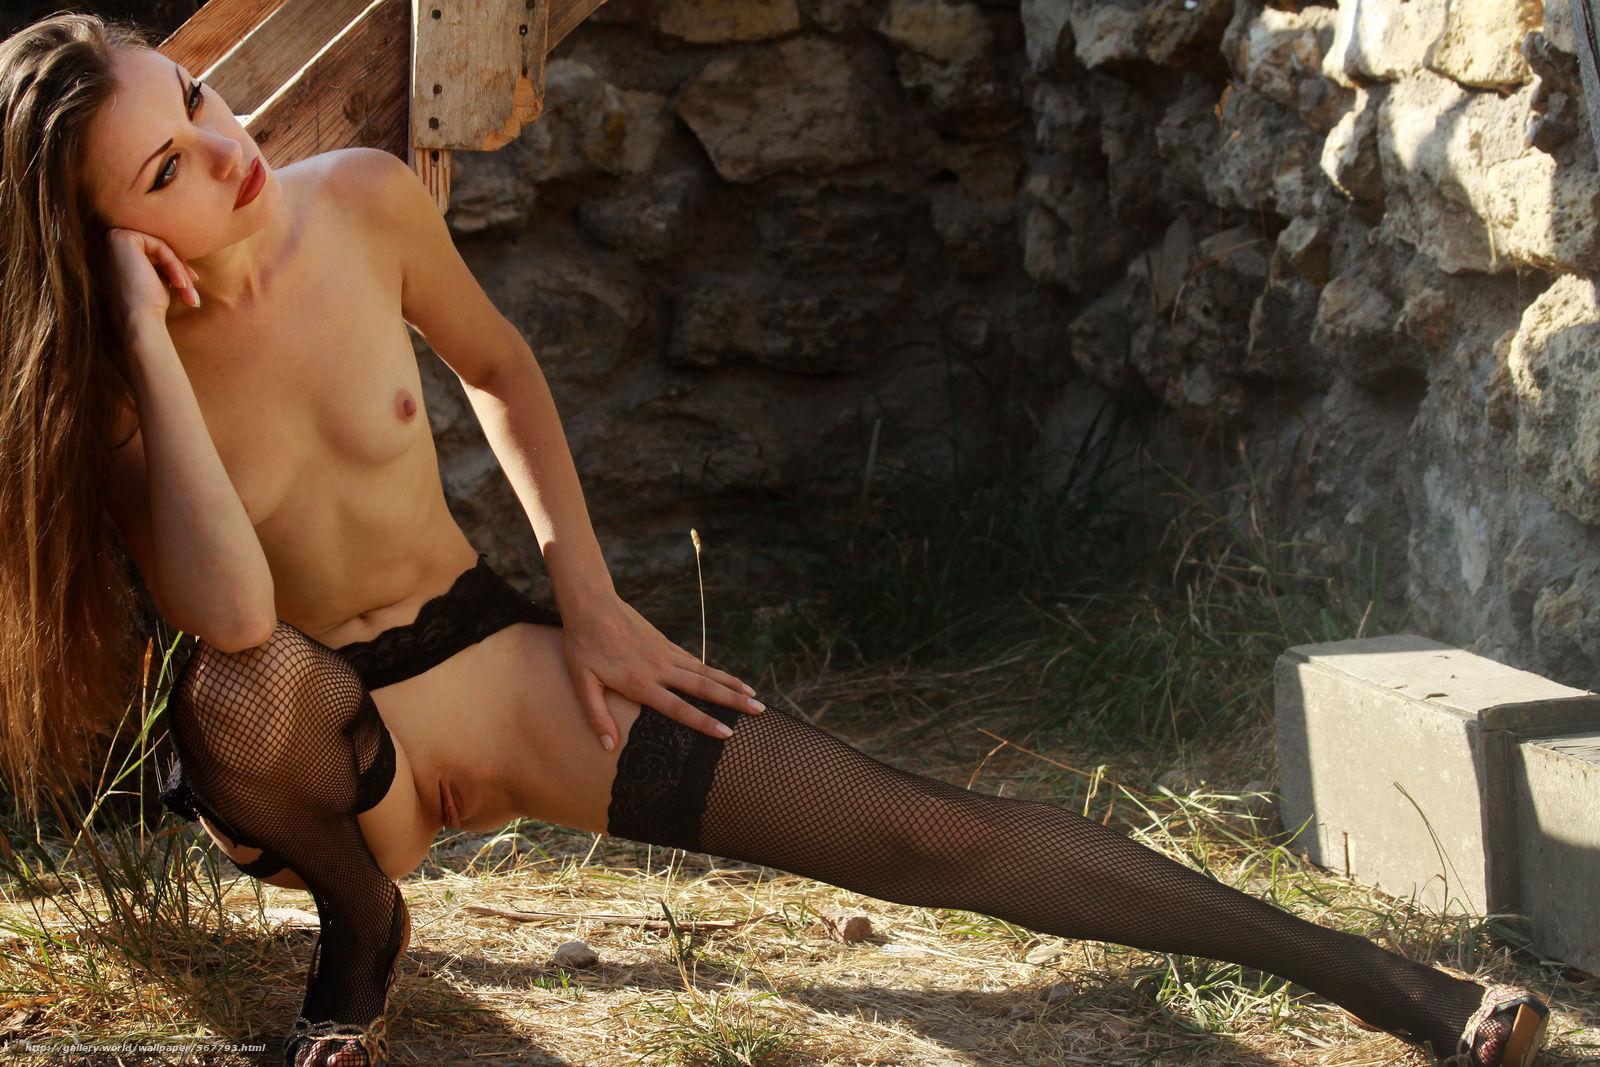 poisk-erotika